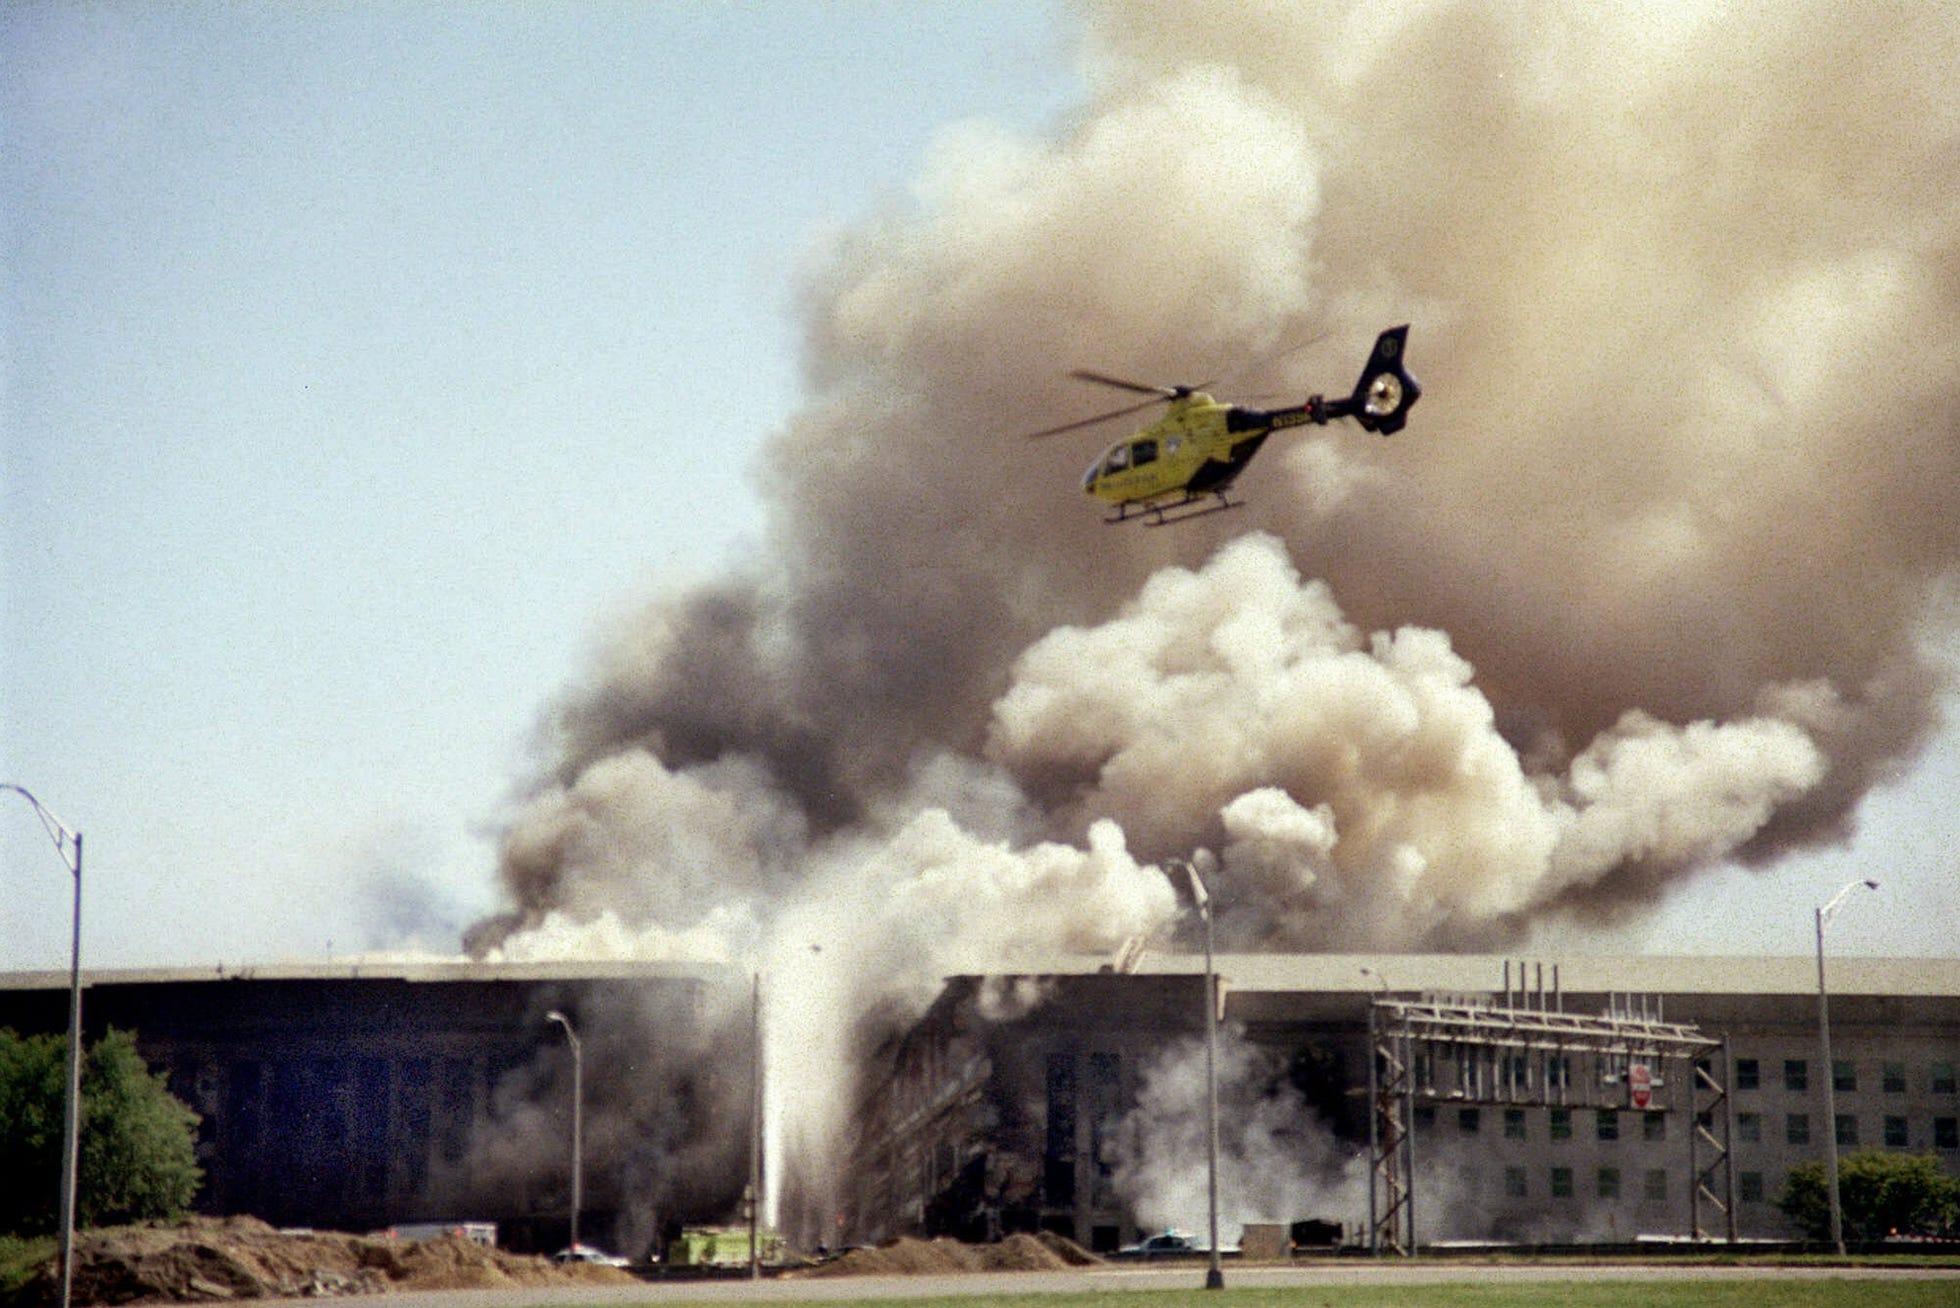 Здание Пентагона после того, как в него врезался угнанный террористами самолет